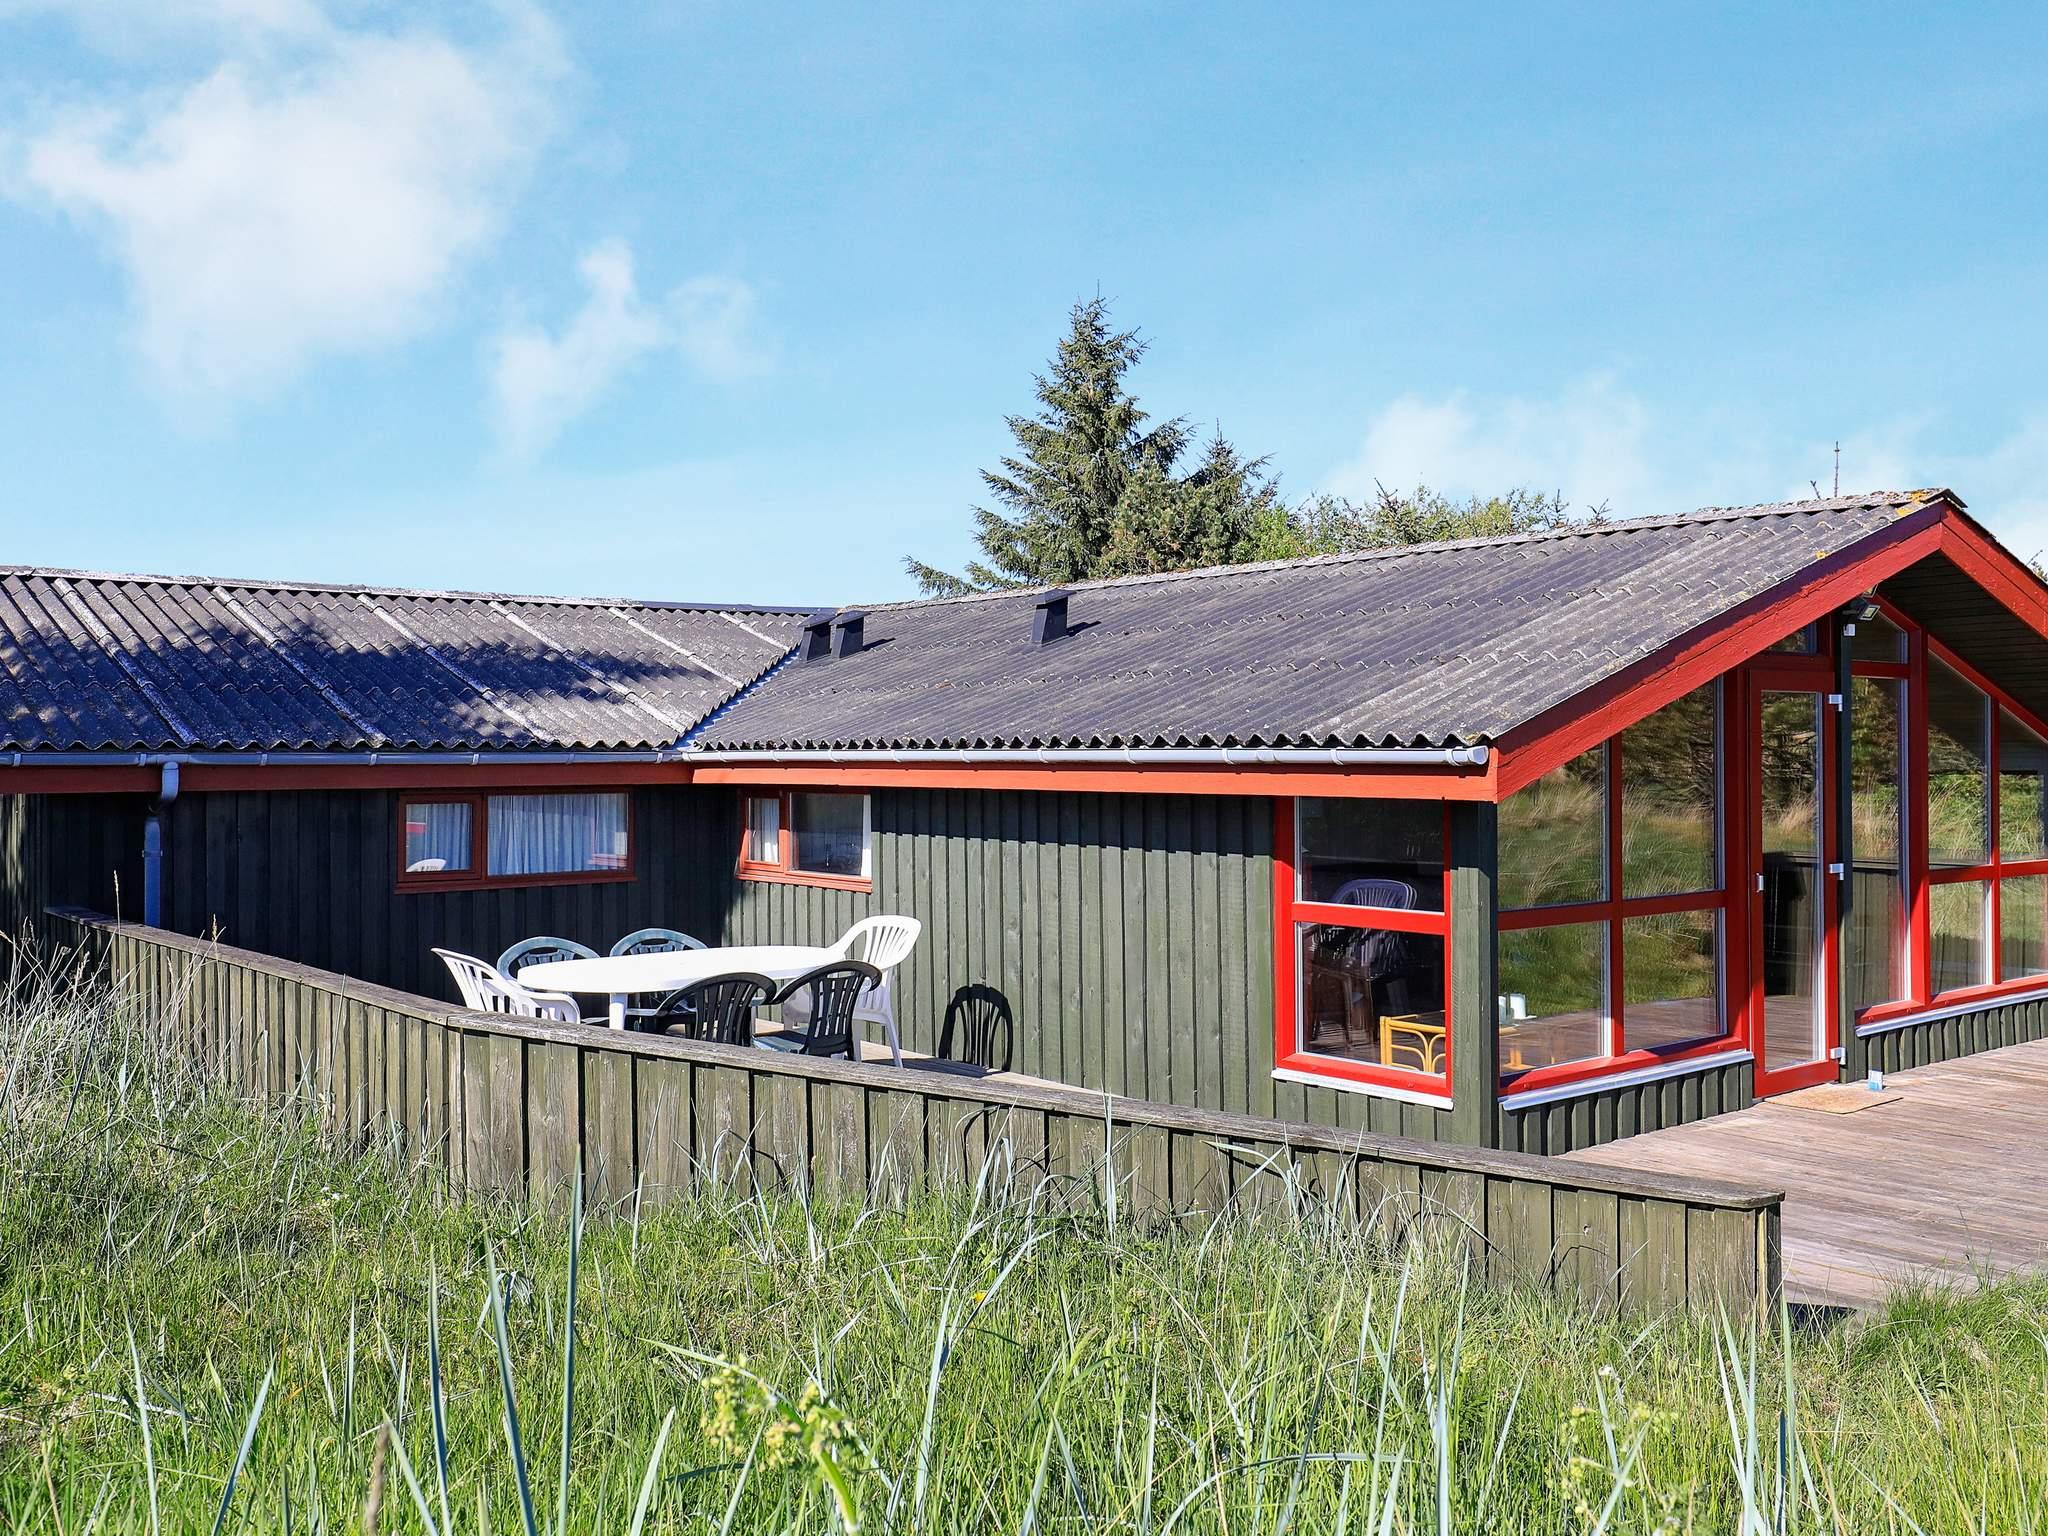 Ferienhaus Kjul Strand (319409), Hirtshals, , Nordwestjütland, Dänemark, Bild 15